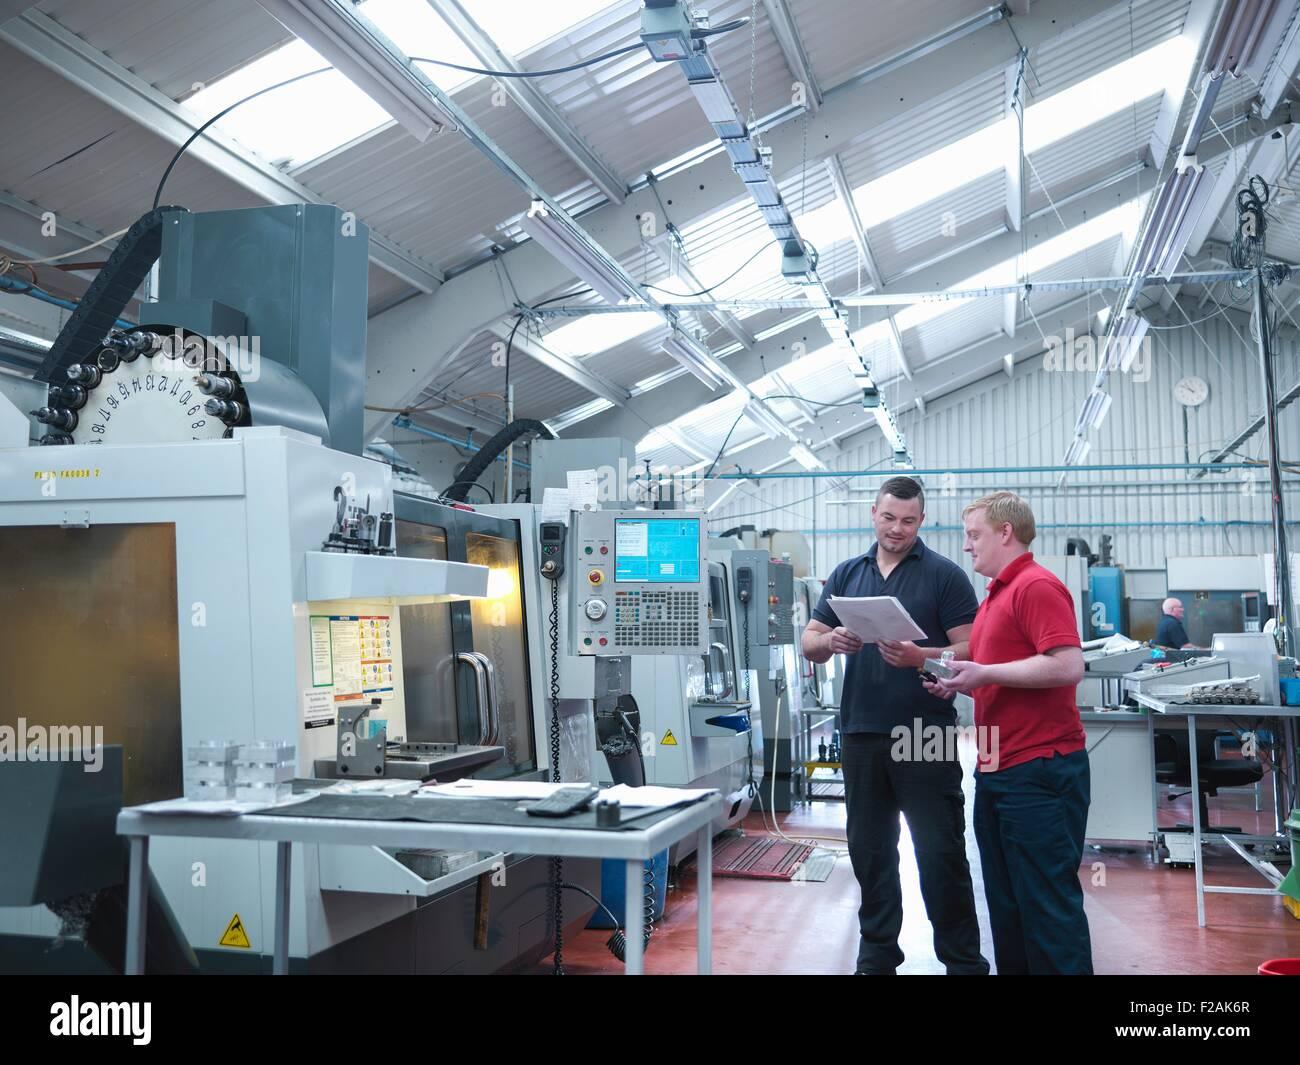 Ingenieros discutiendo trabajo delante de máquinas CNC en fábrica de ingeniería Imagen De Stock